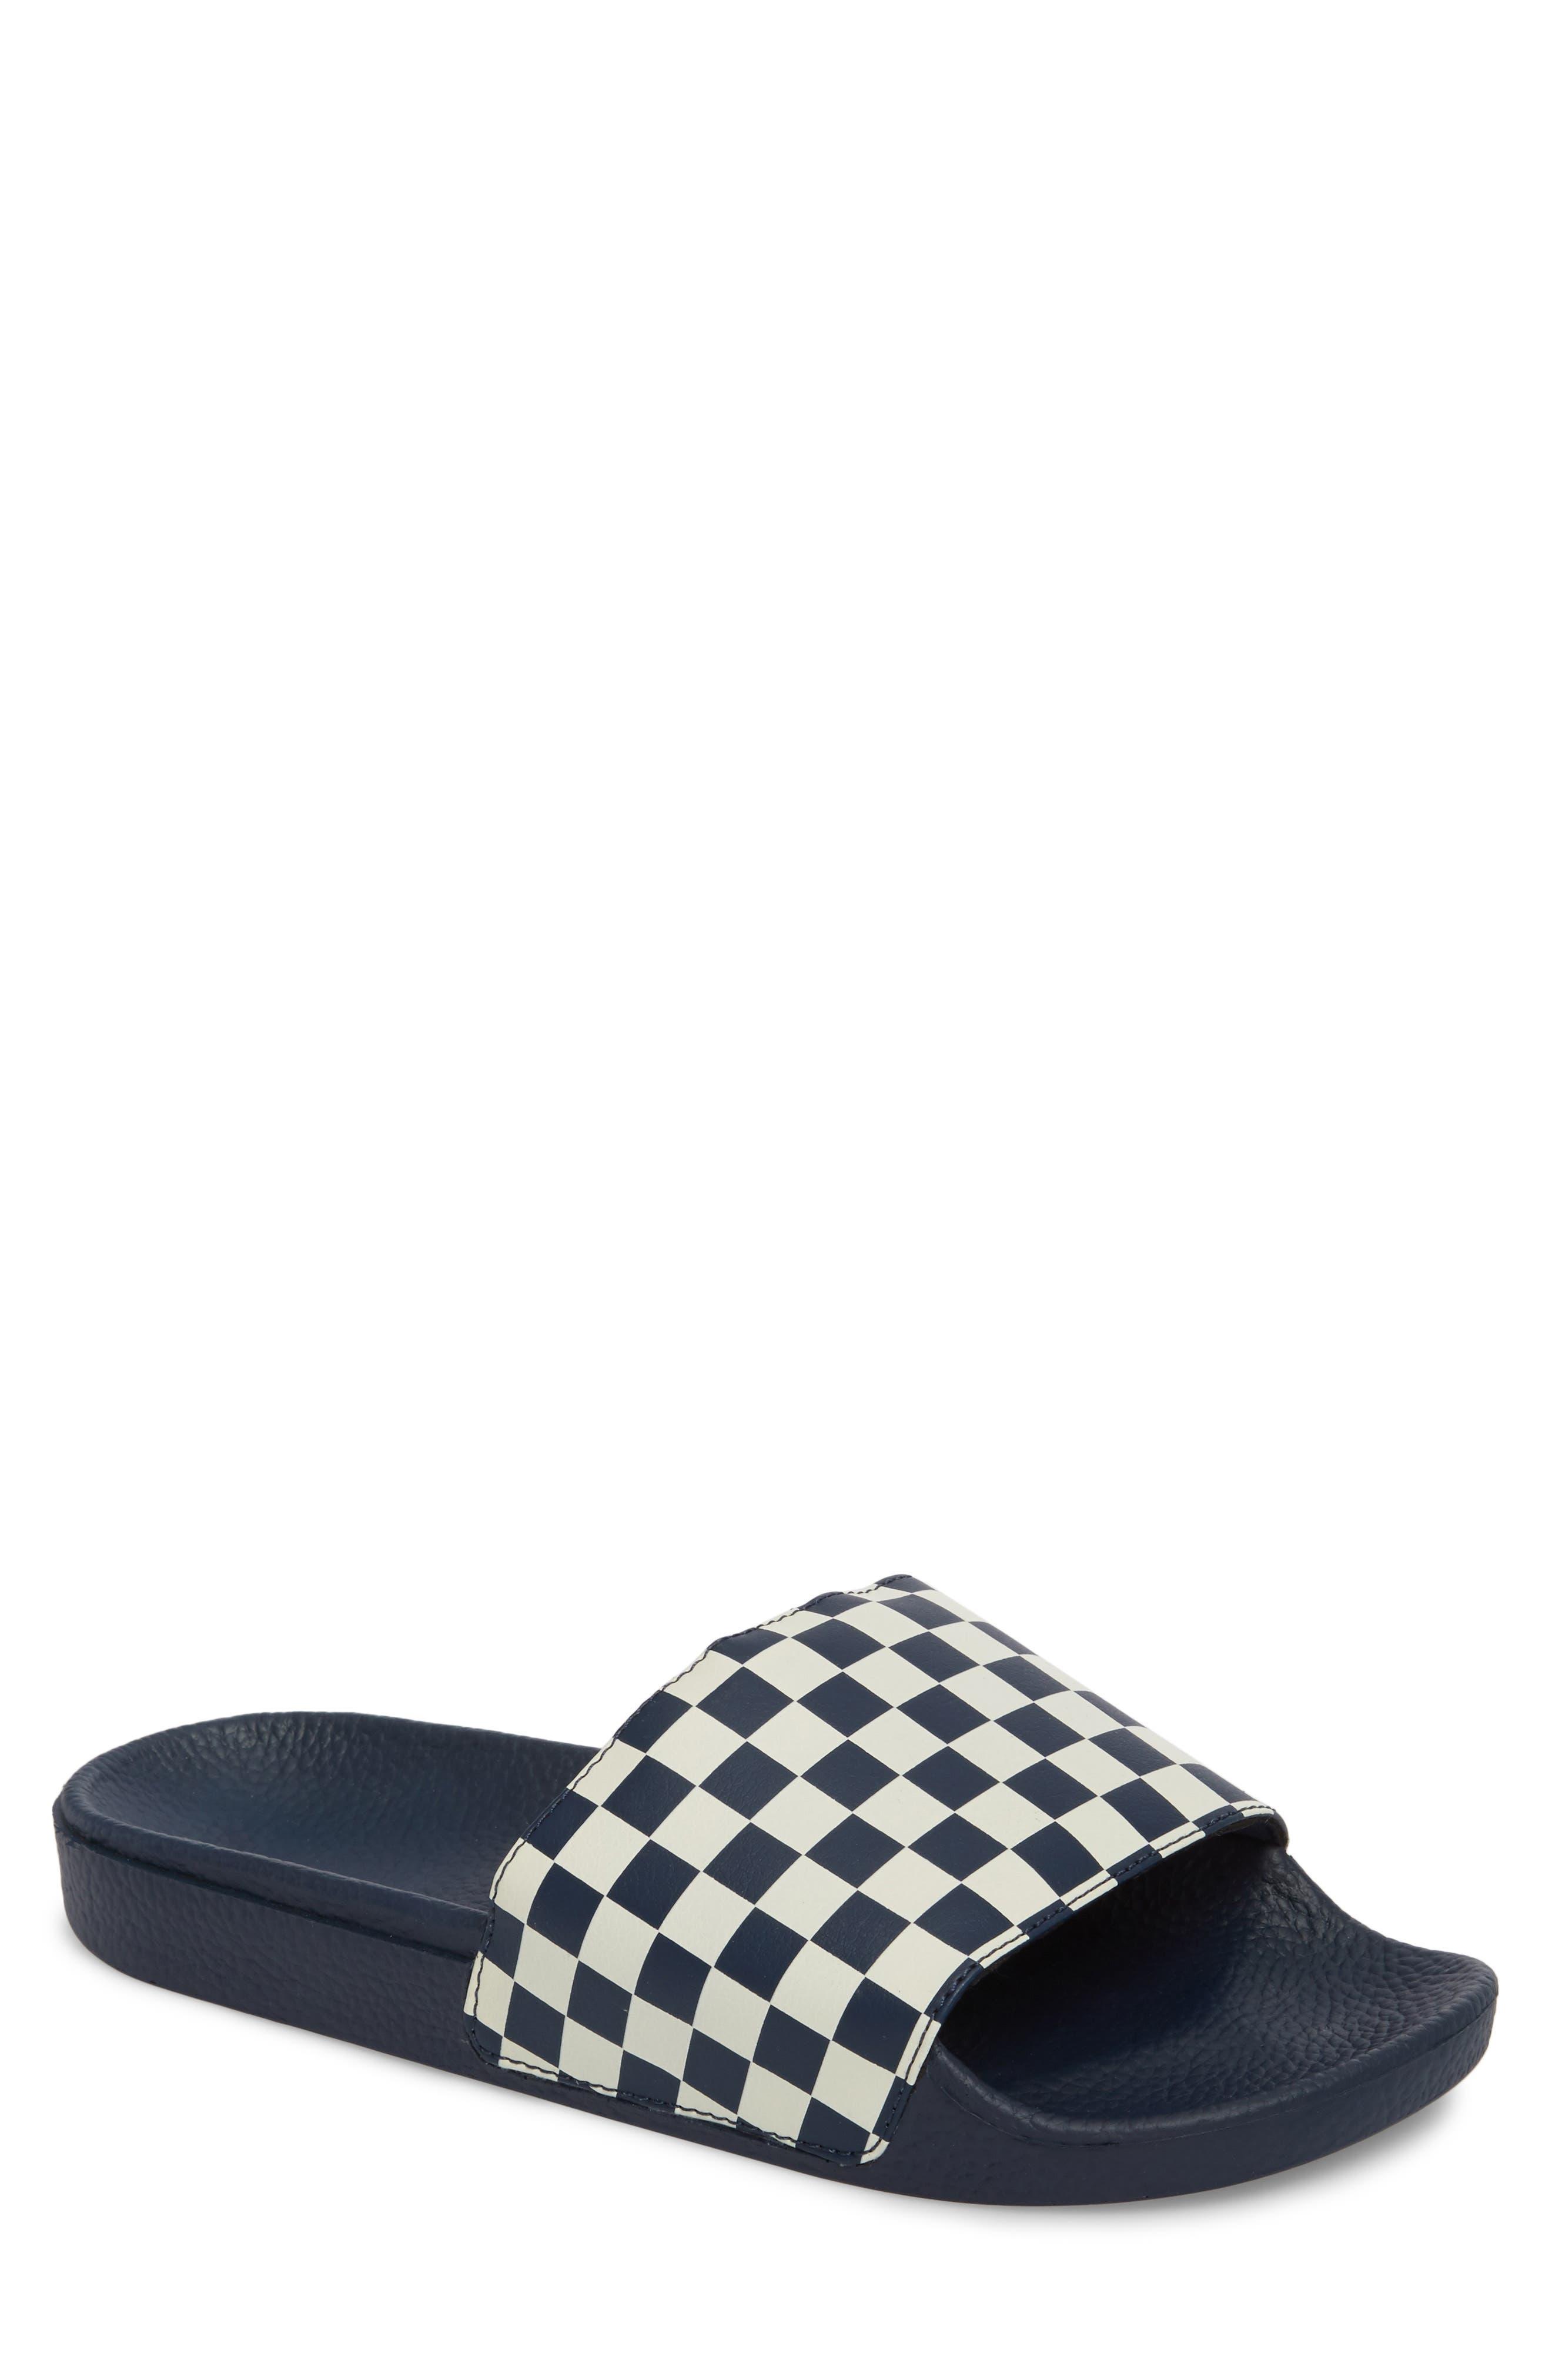 Vans 'Slide-On' Slide Sandal (Men)